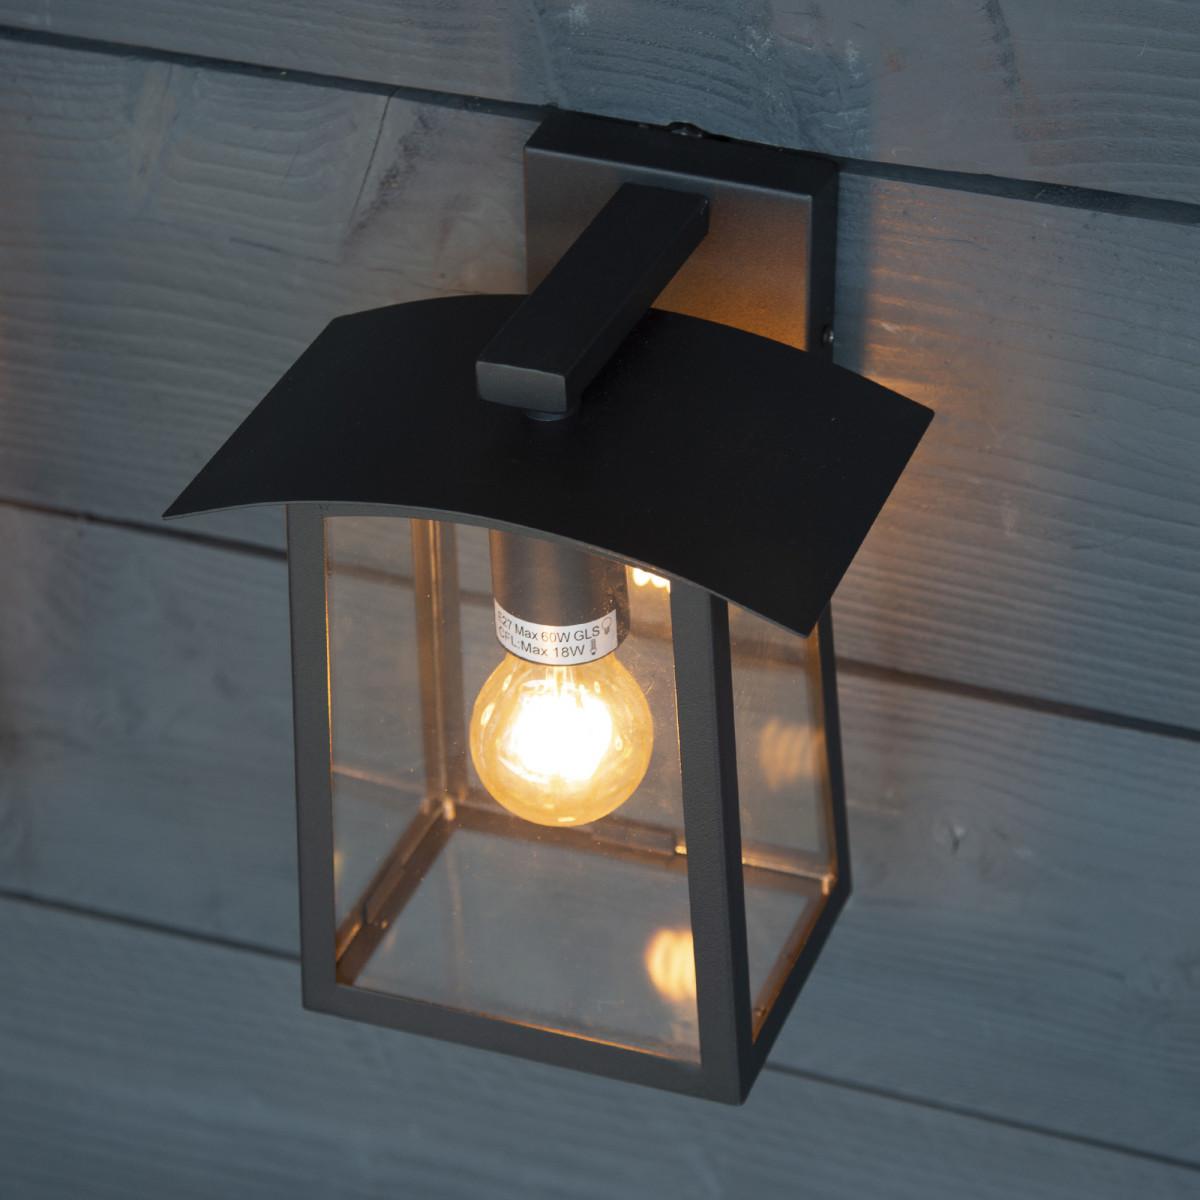 Zwarte design buitenlamp met heldere glazen,  E27 fitting, lichtbron is zichtbaar, moderne buitenmuur verlichting